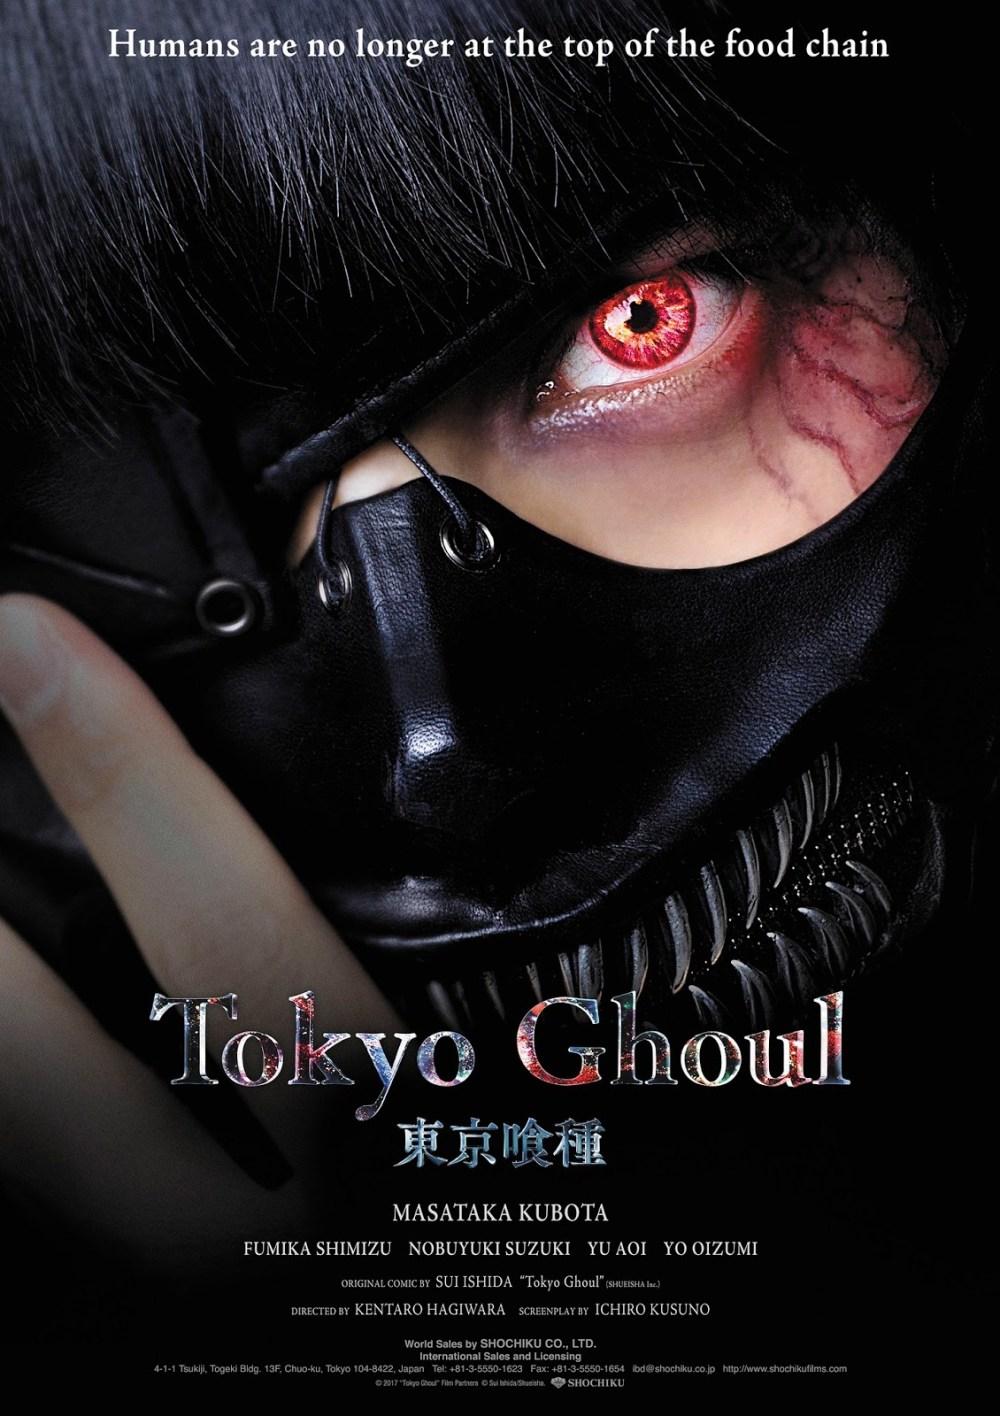 Trailer para Tokyo Ghoul live action con subtítulos en inglés